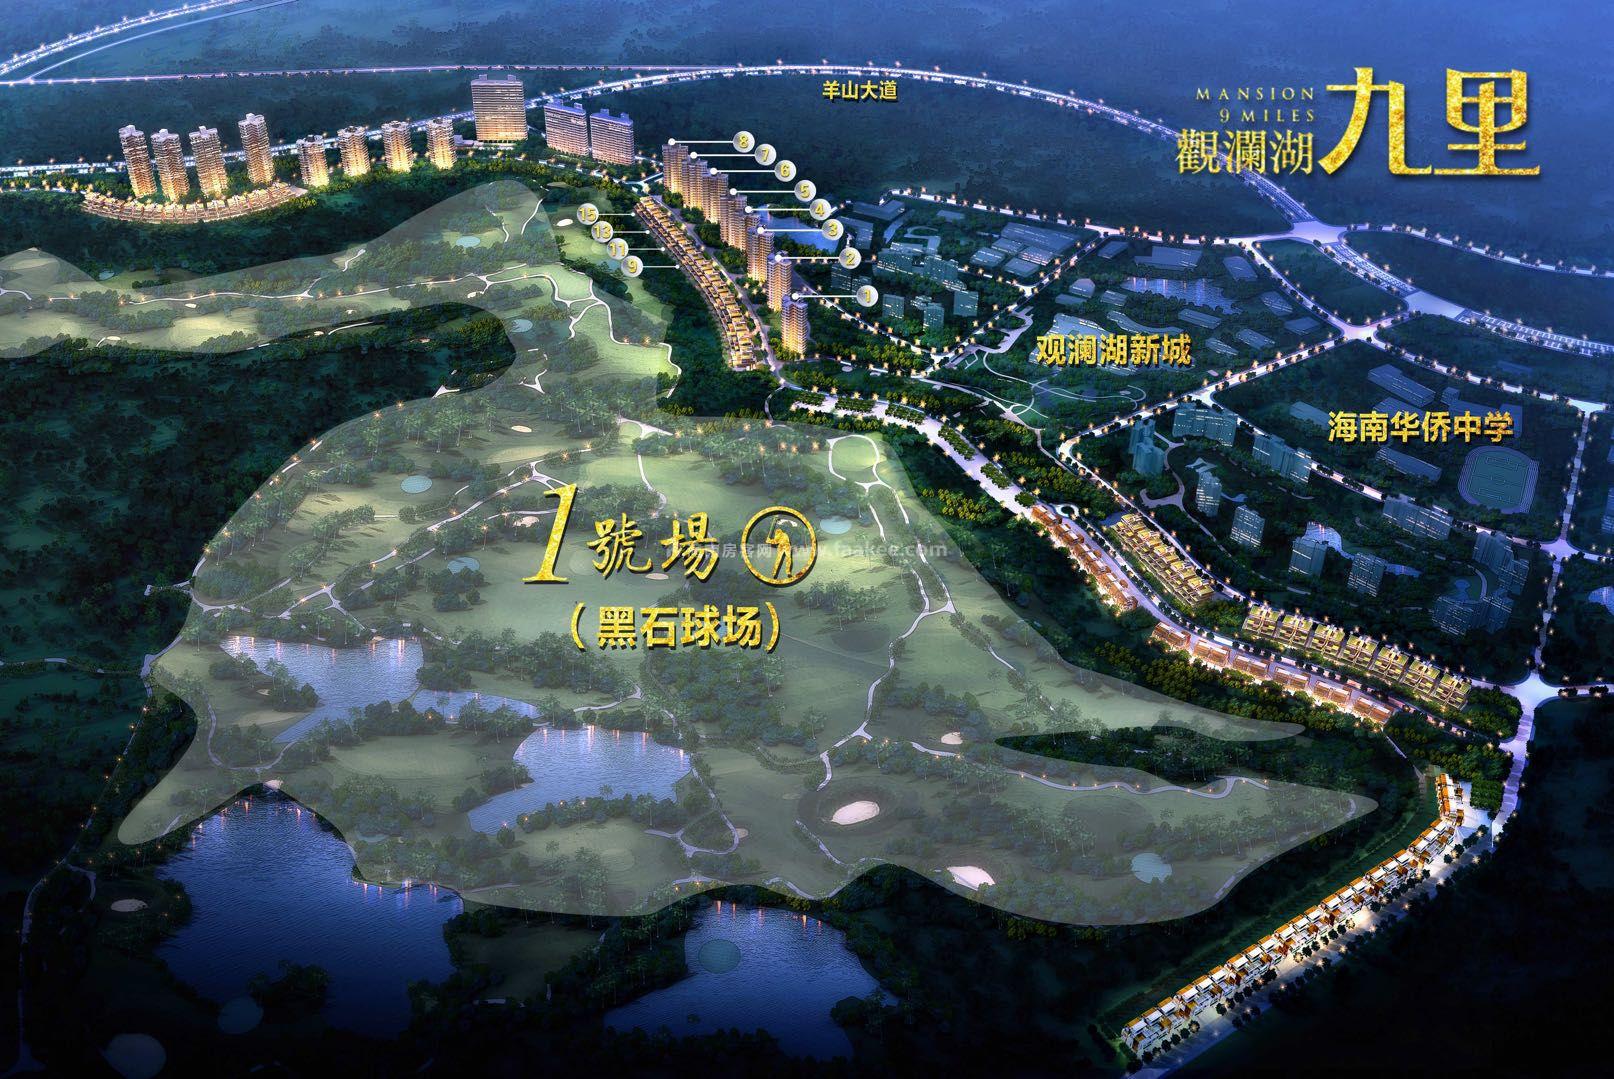 观澜湖九里鸟瞰图